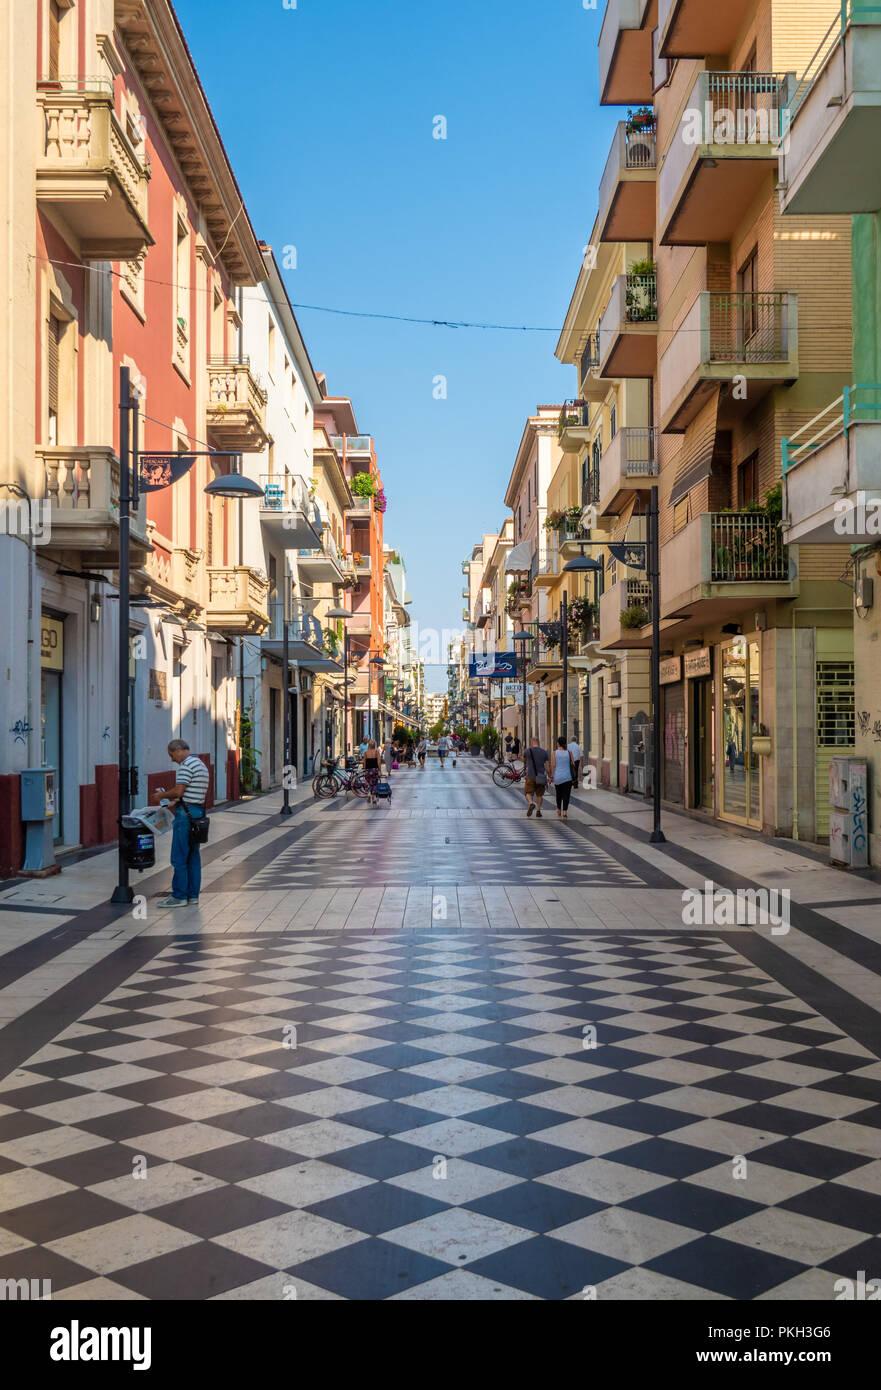 Pescara (Italien) - Die moderne historische Zentrum der Stadt in der Region  Abruzzen, während ein Sommer Sonntag Morgen Stockfotografie - Alamy